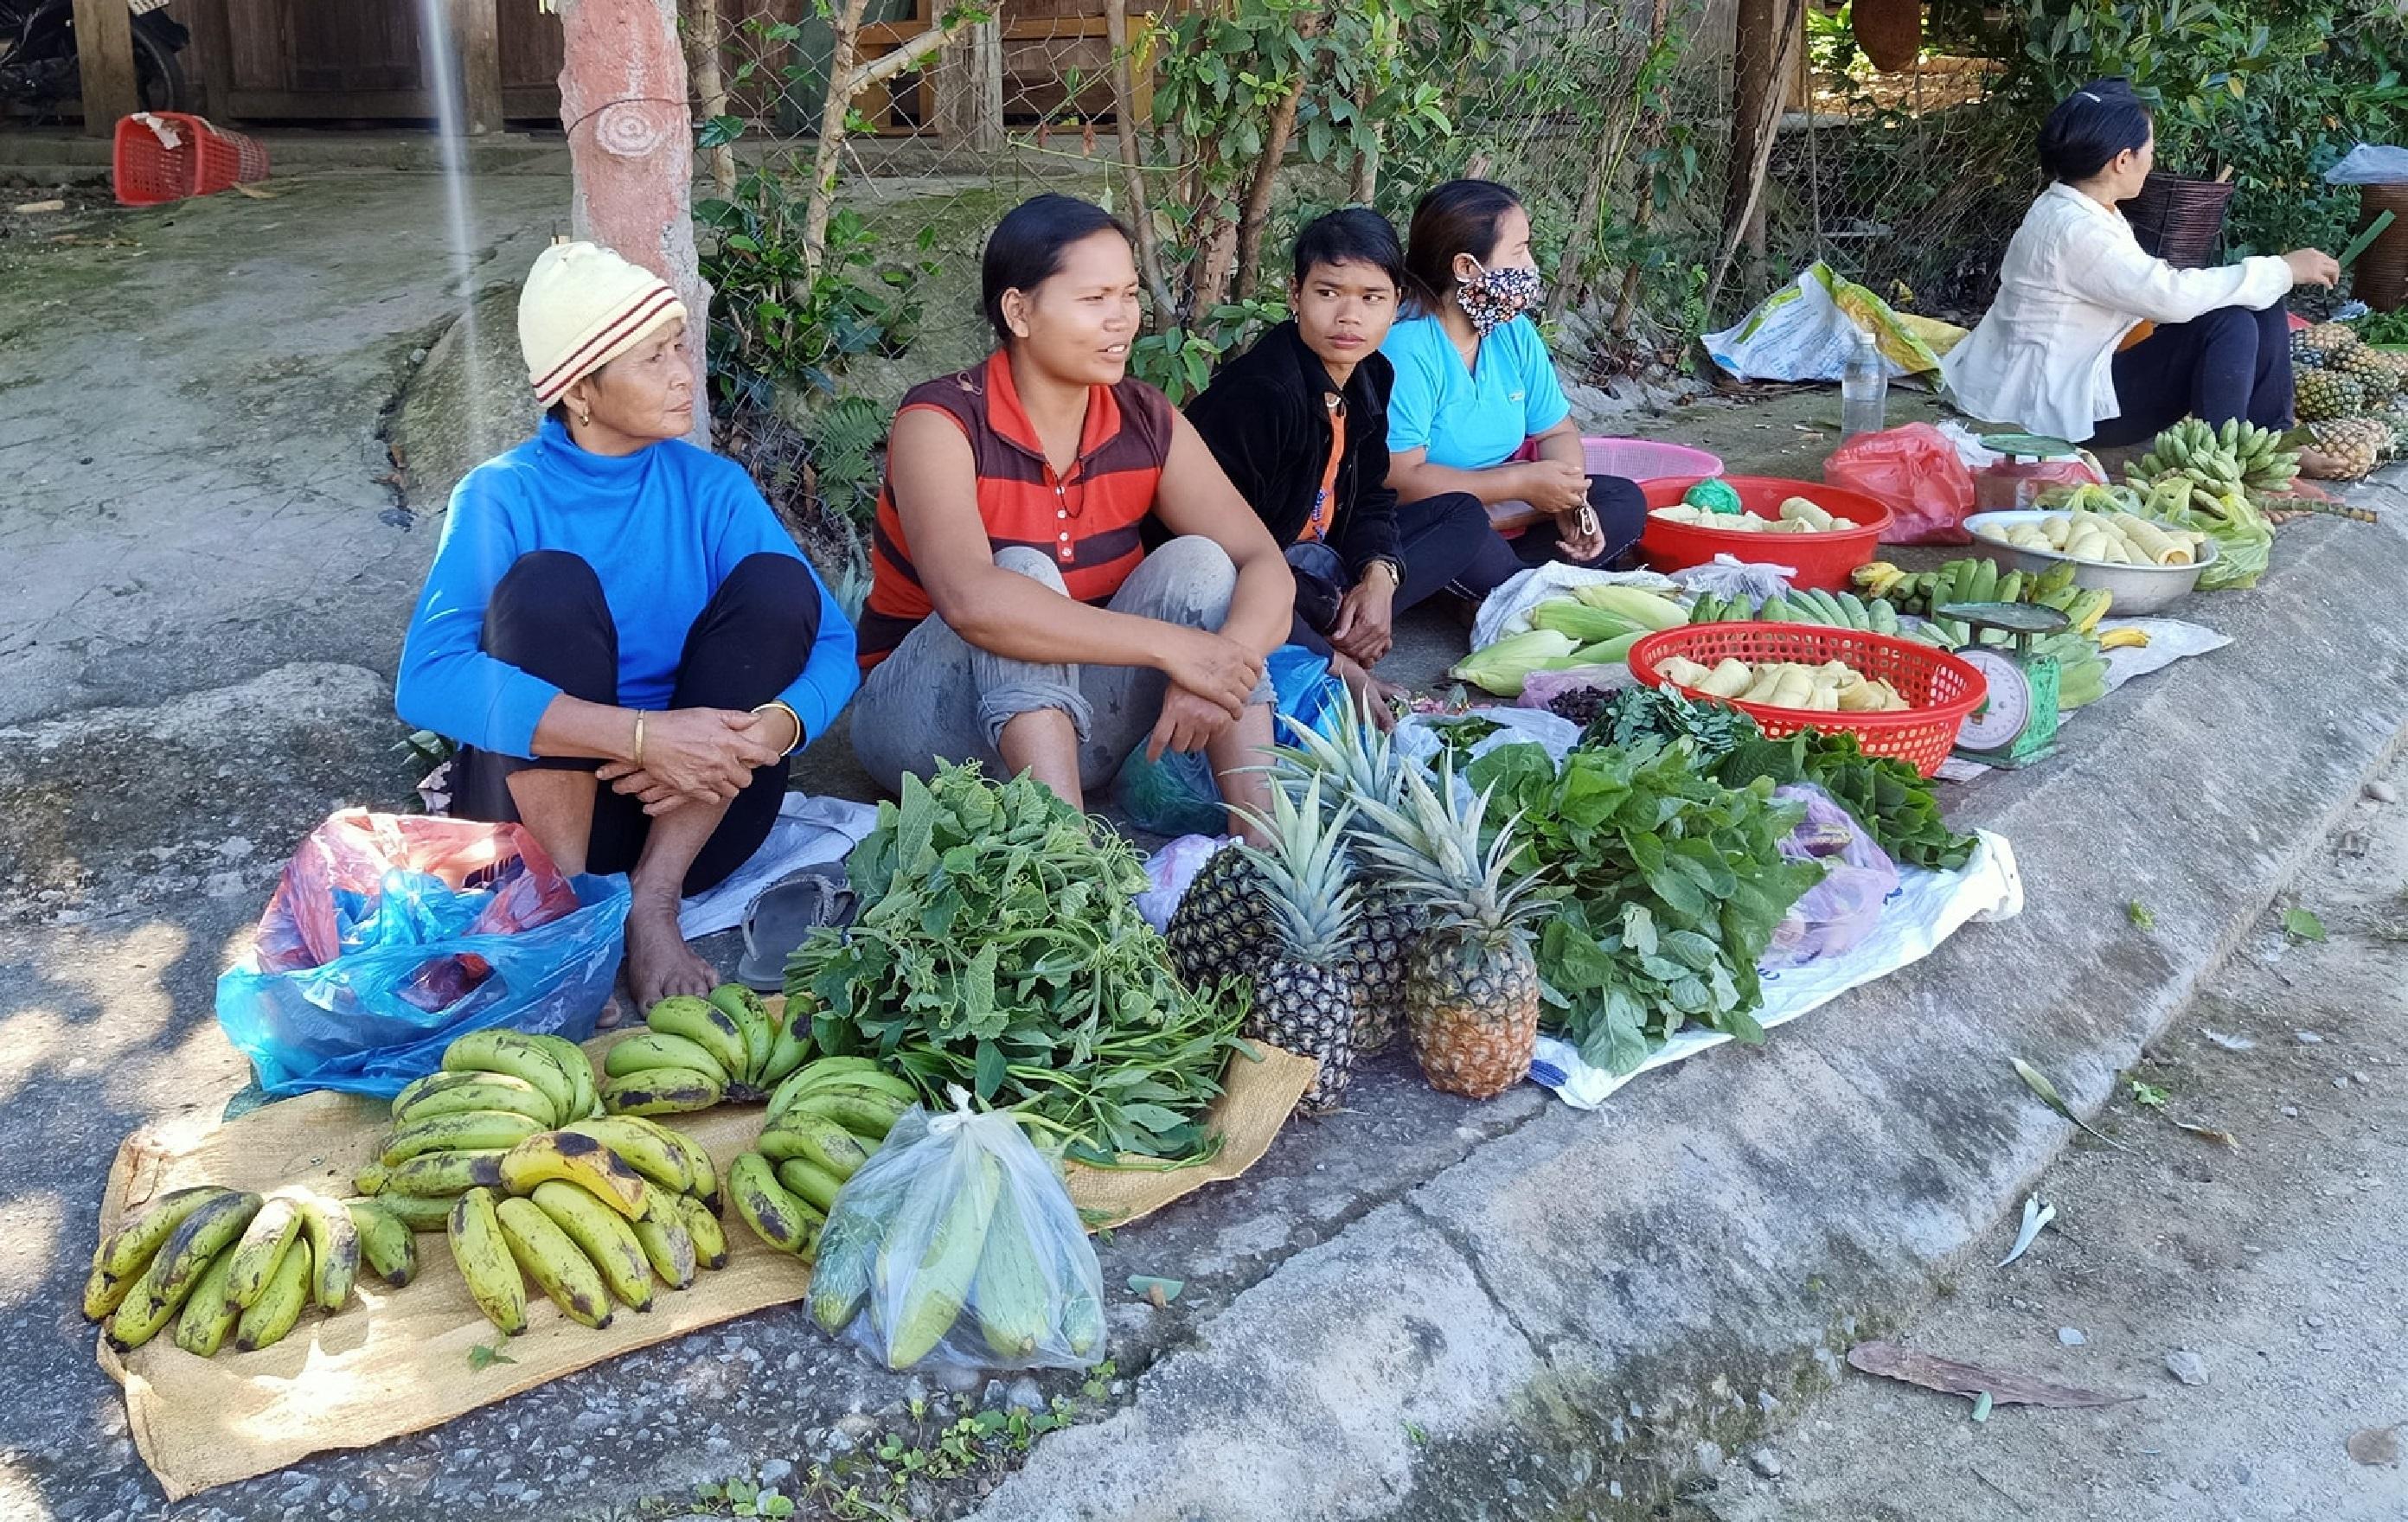 """Những sản vật địa phương được bà con bày bán tại """"Chợ Chiều năm ngàn"""" đều là hàng nông sản sạch."""